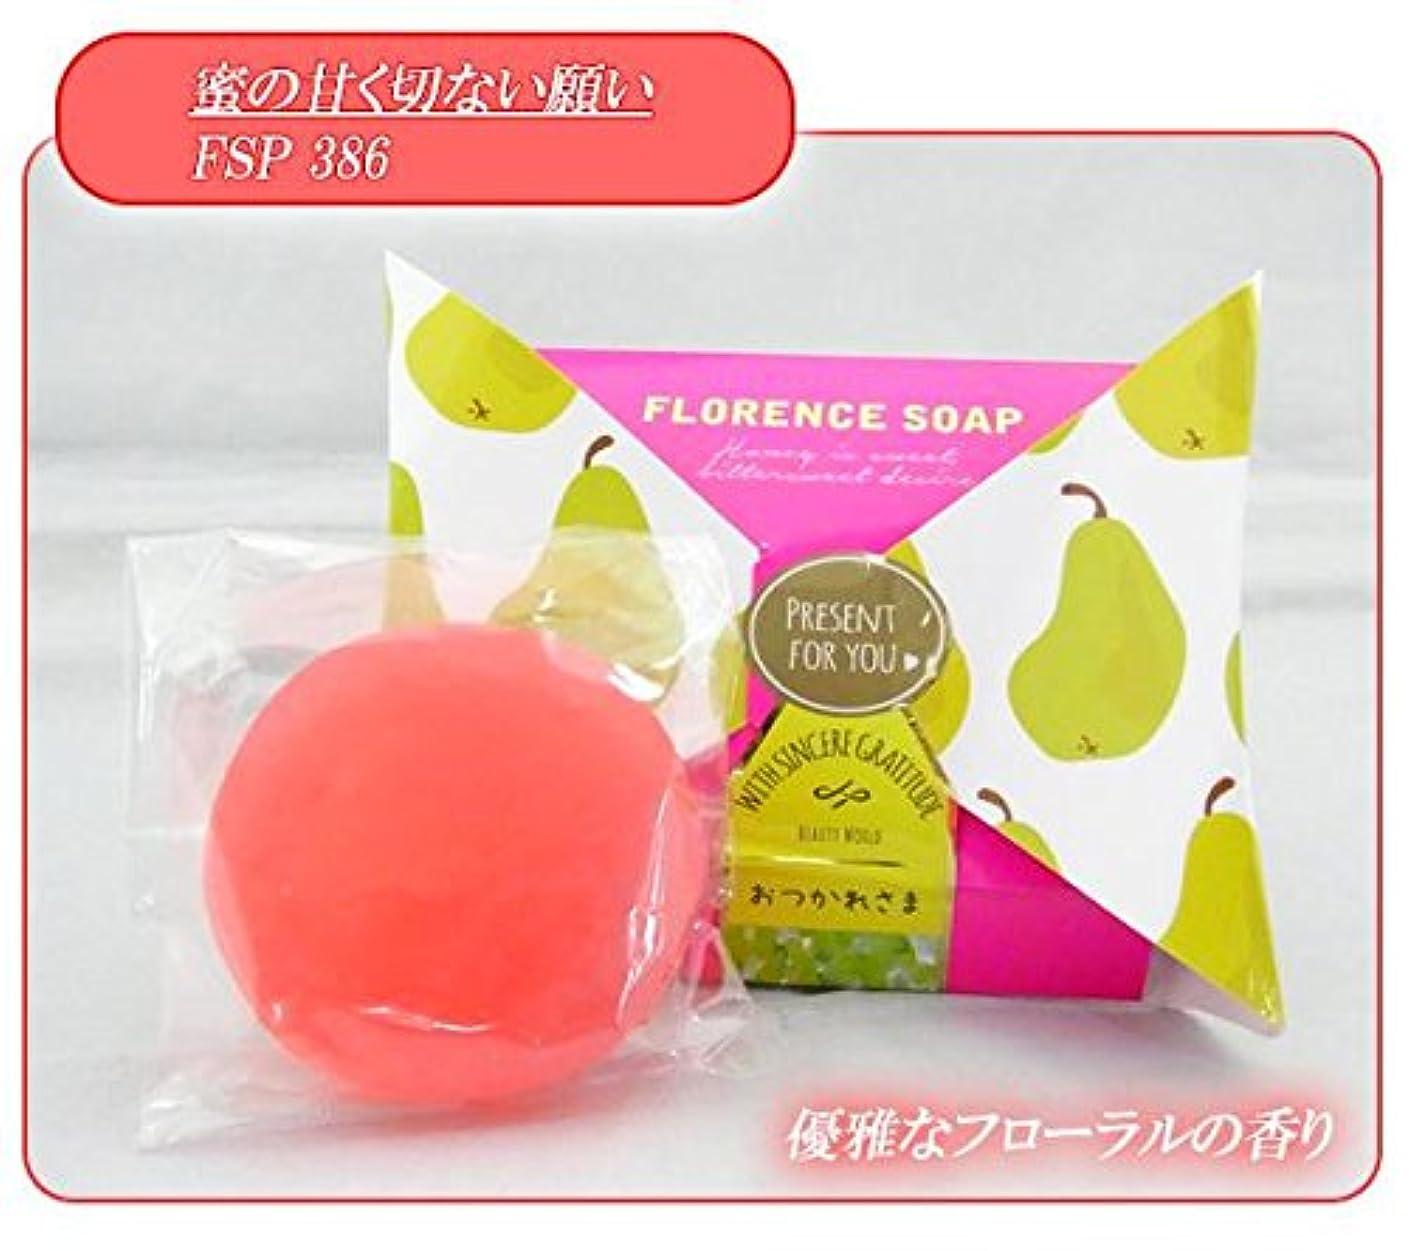 格納ヒロイン雄弁ビューティーワールド BWフローレンスの香り石けん リボンパッケージ 6個セット 蜜の甘く切ない願い